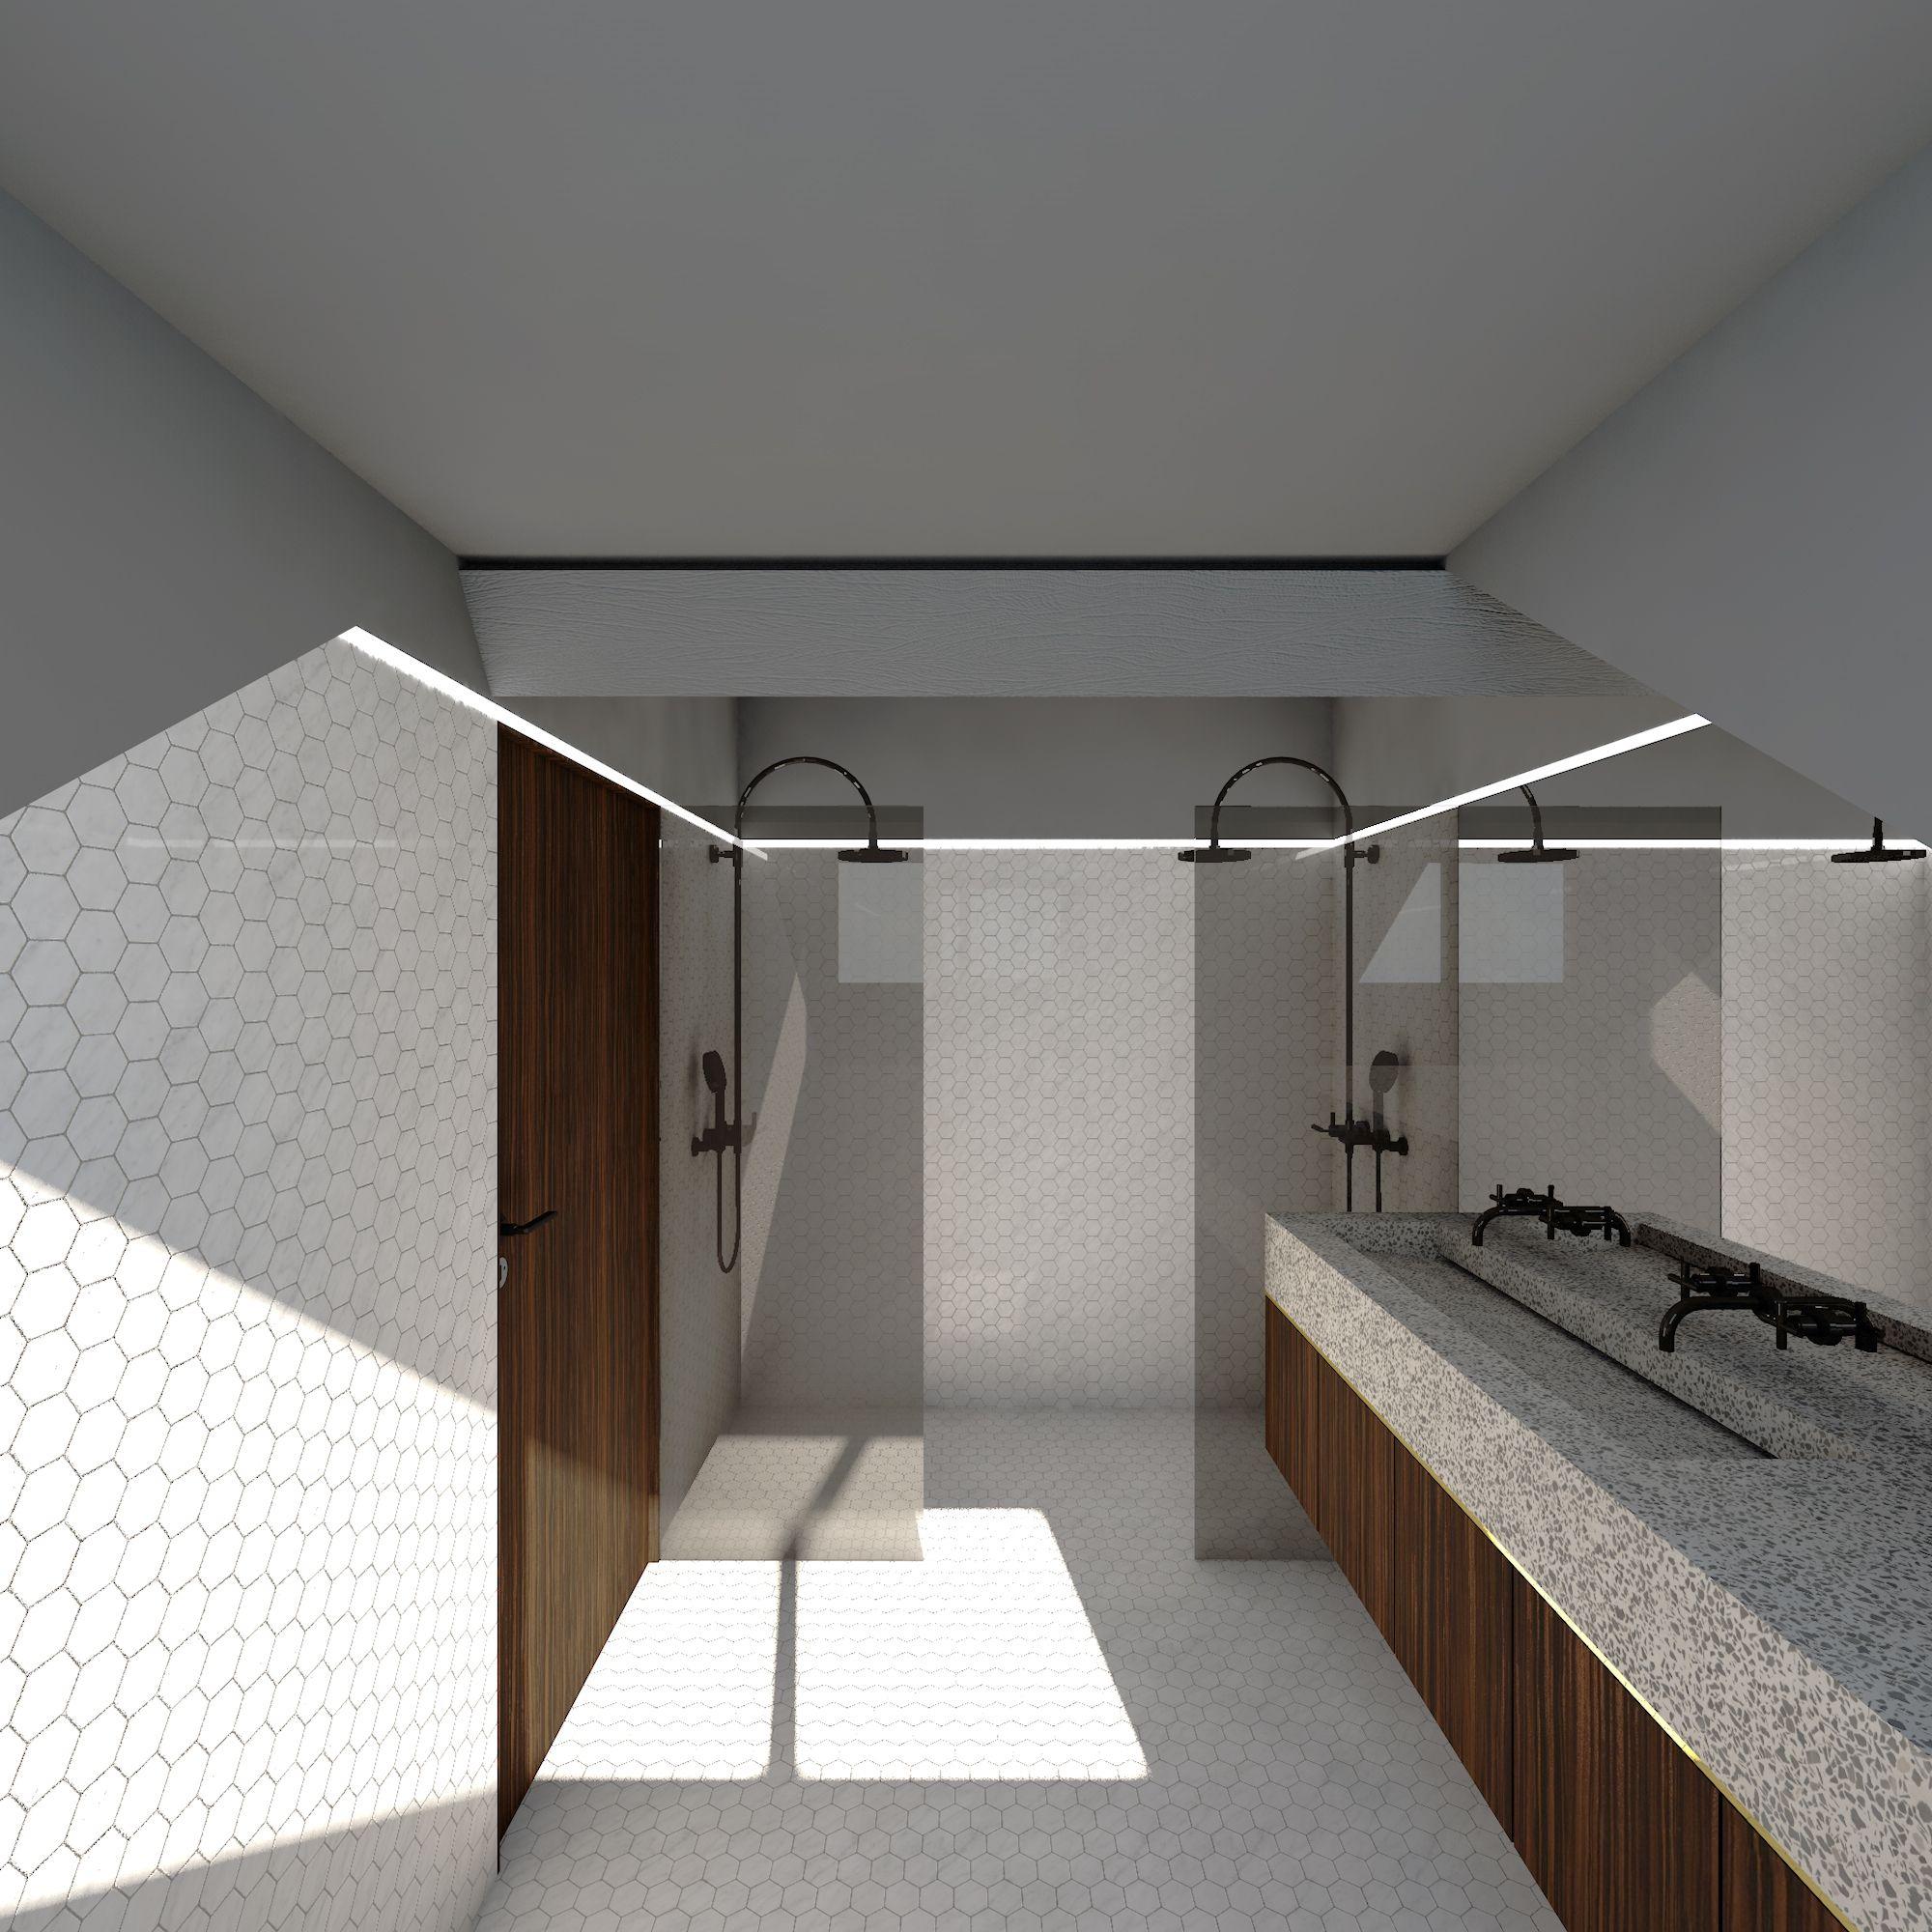 Donker grijze badkamer met duo inloopdouche, wit marmer hexagonale ...